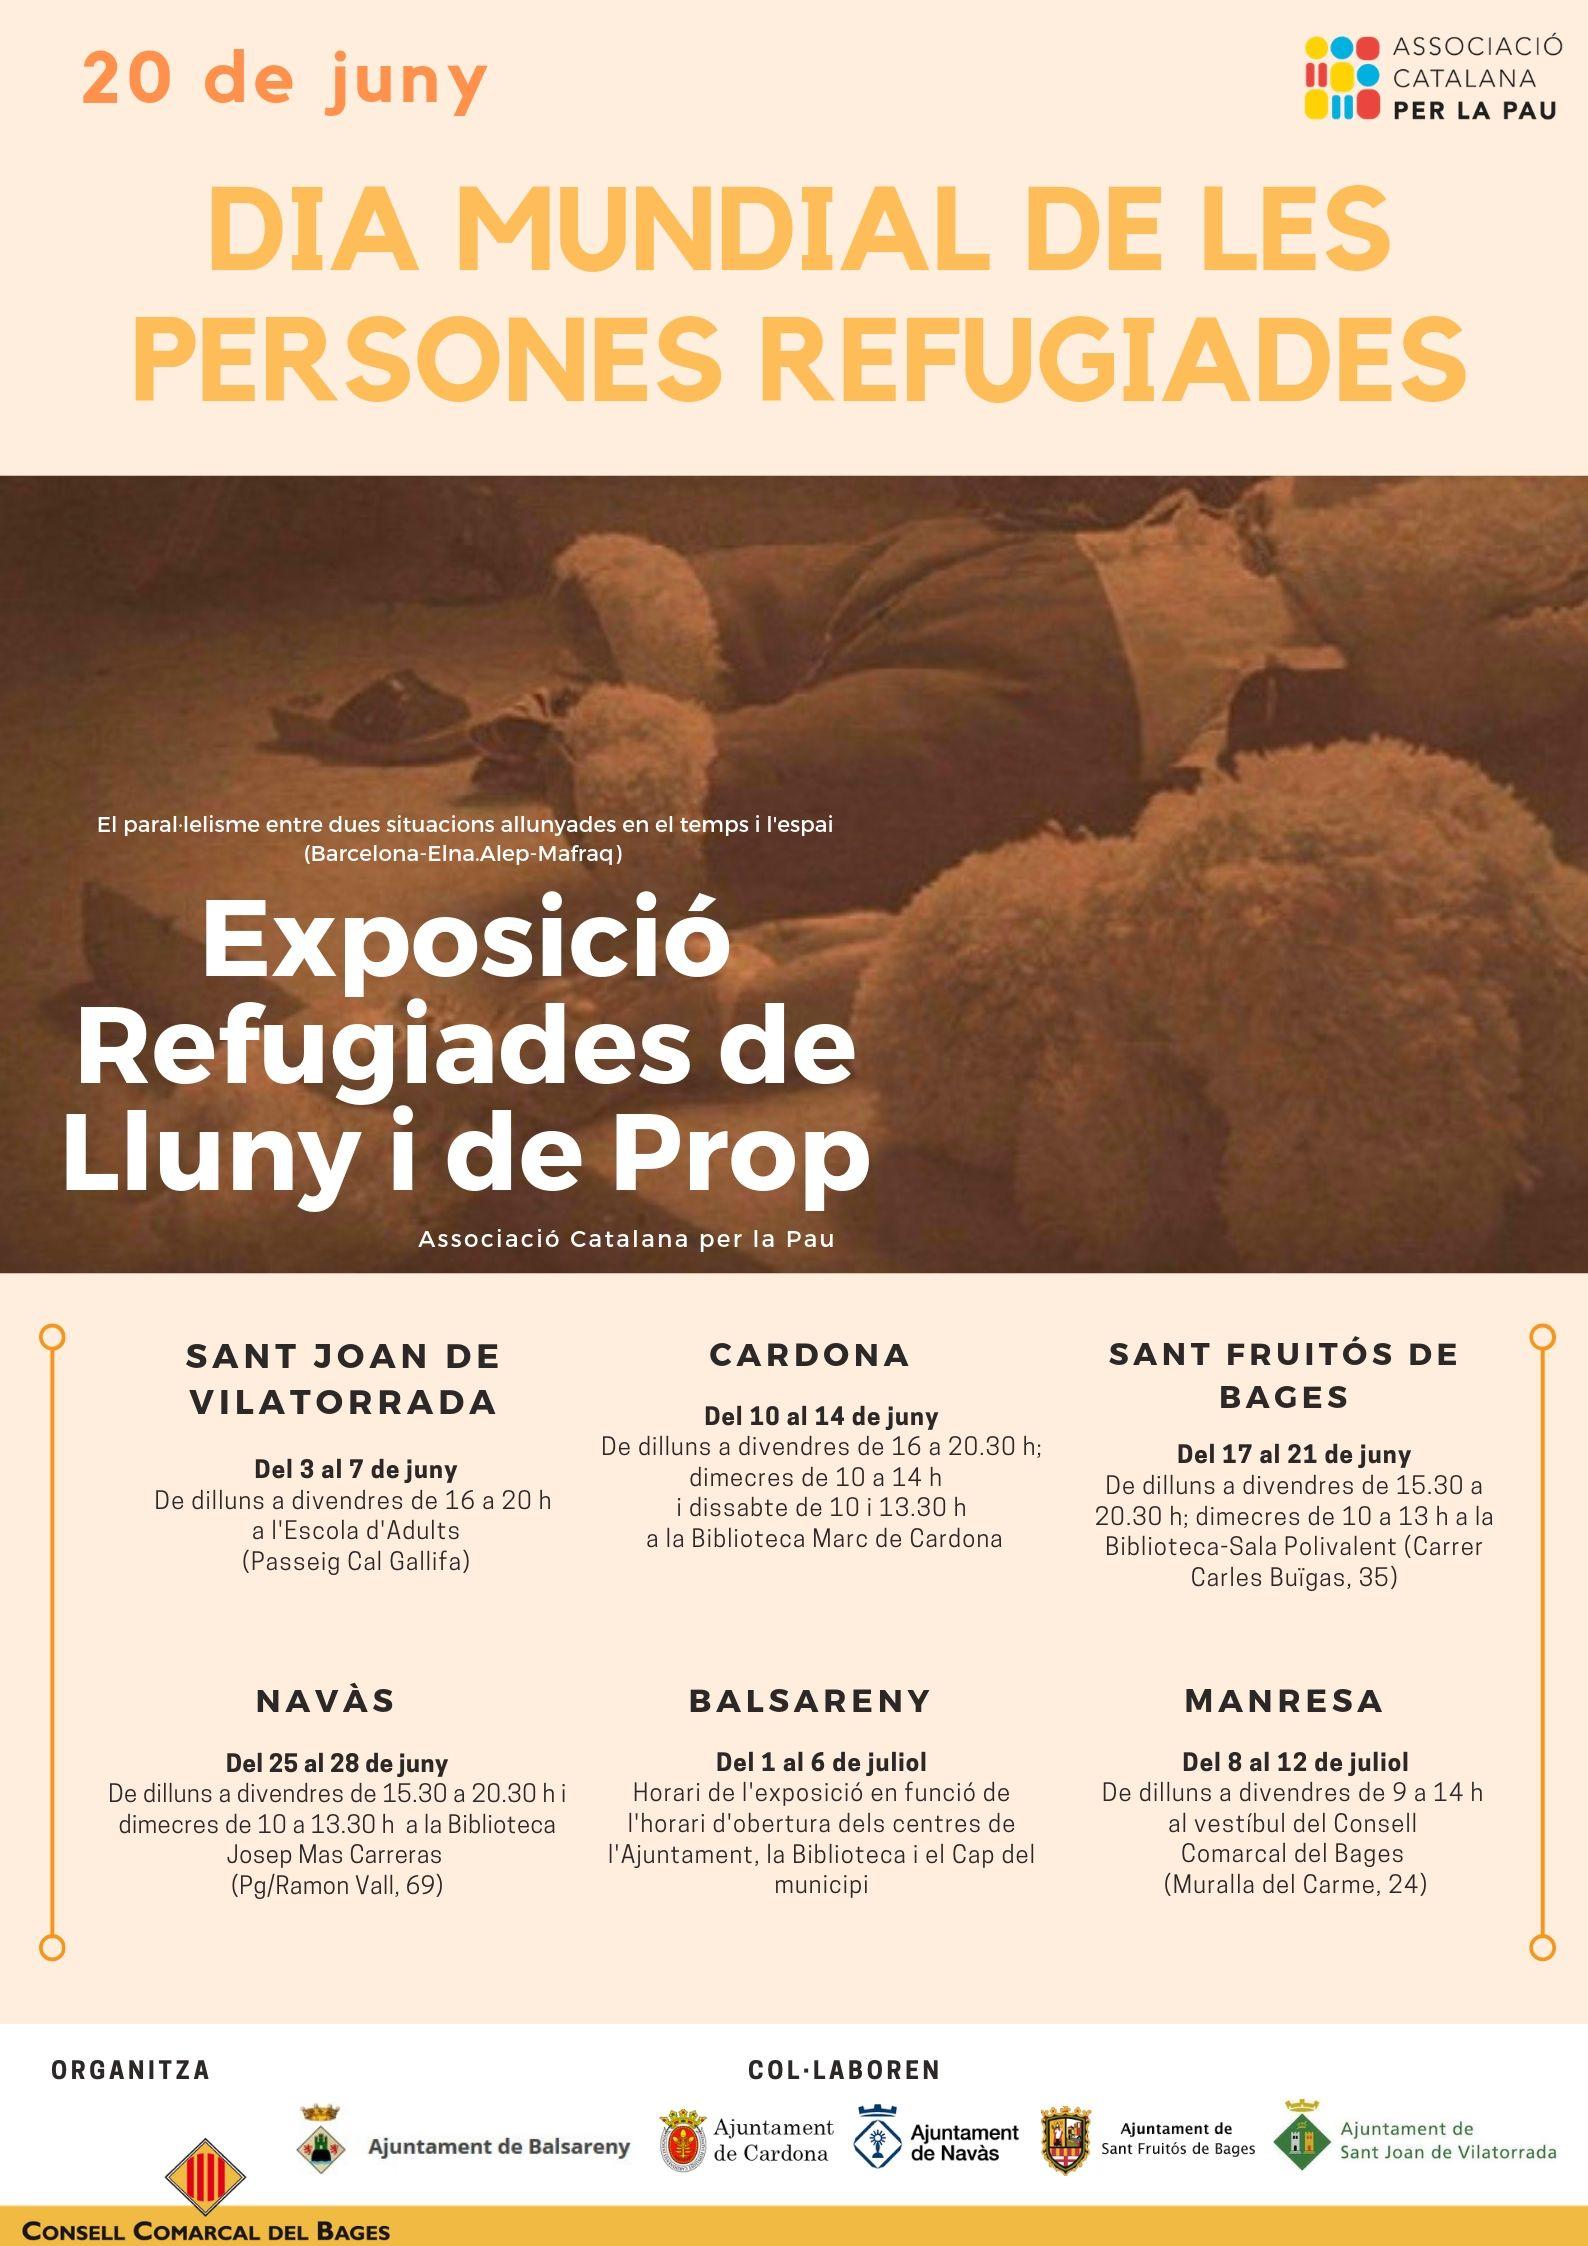 Exposició Refugiades de prop i de lluny